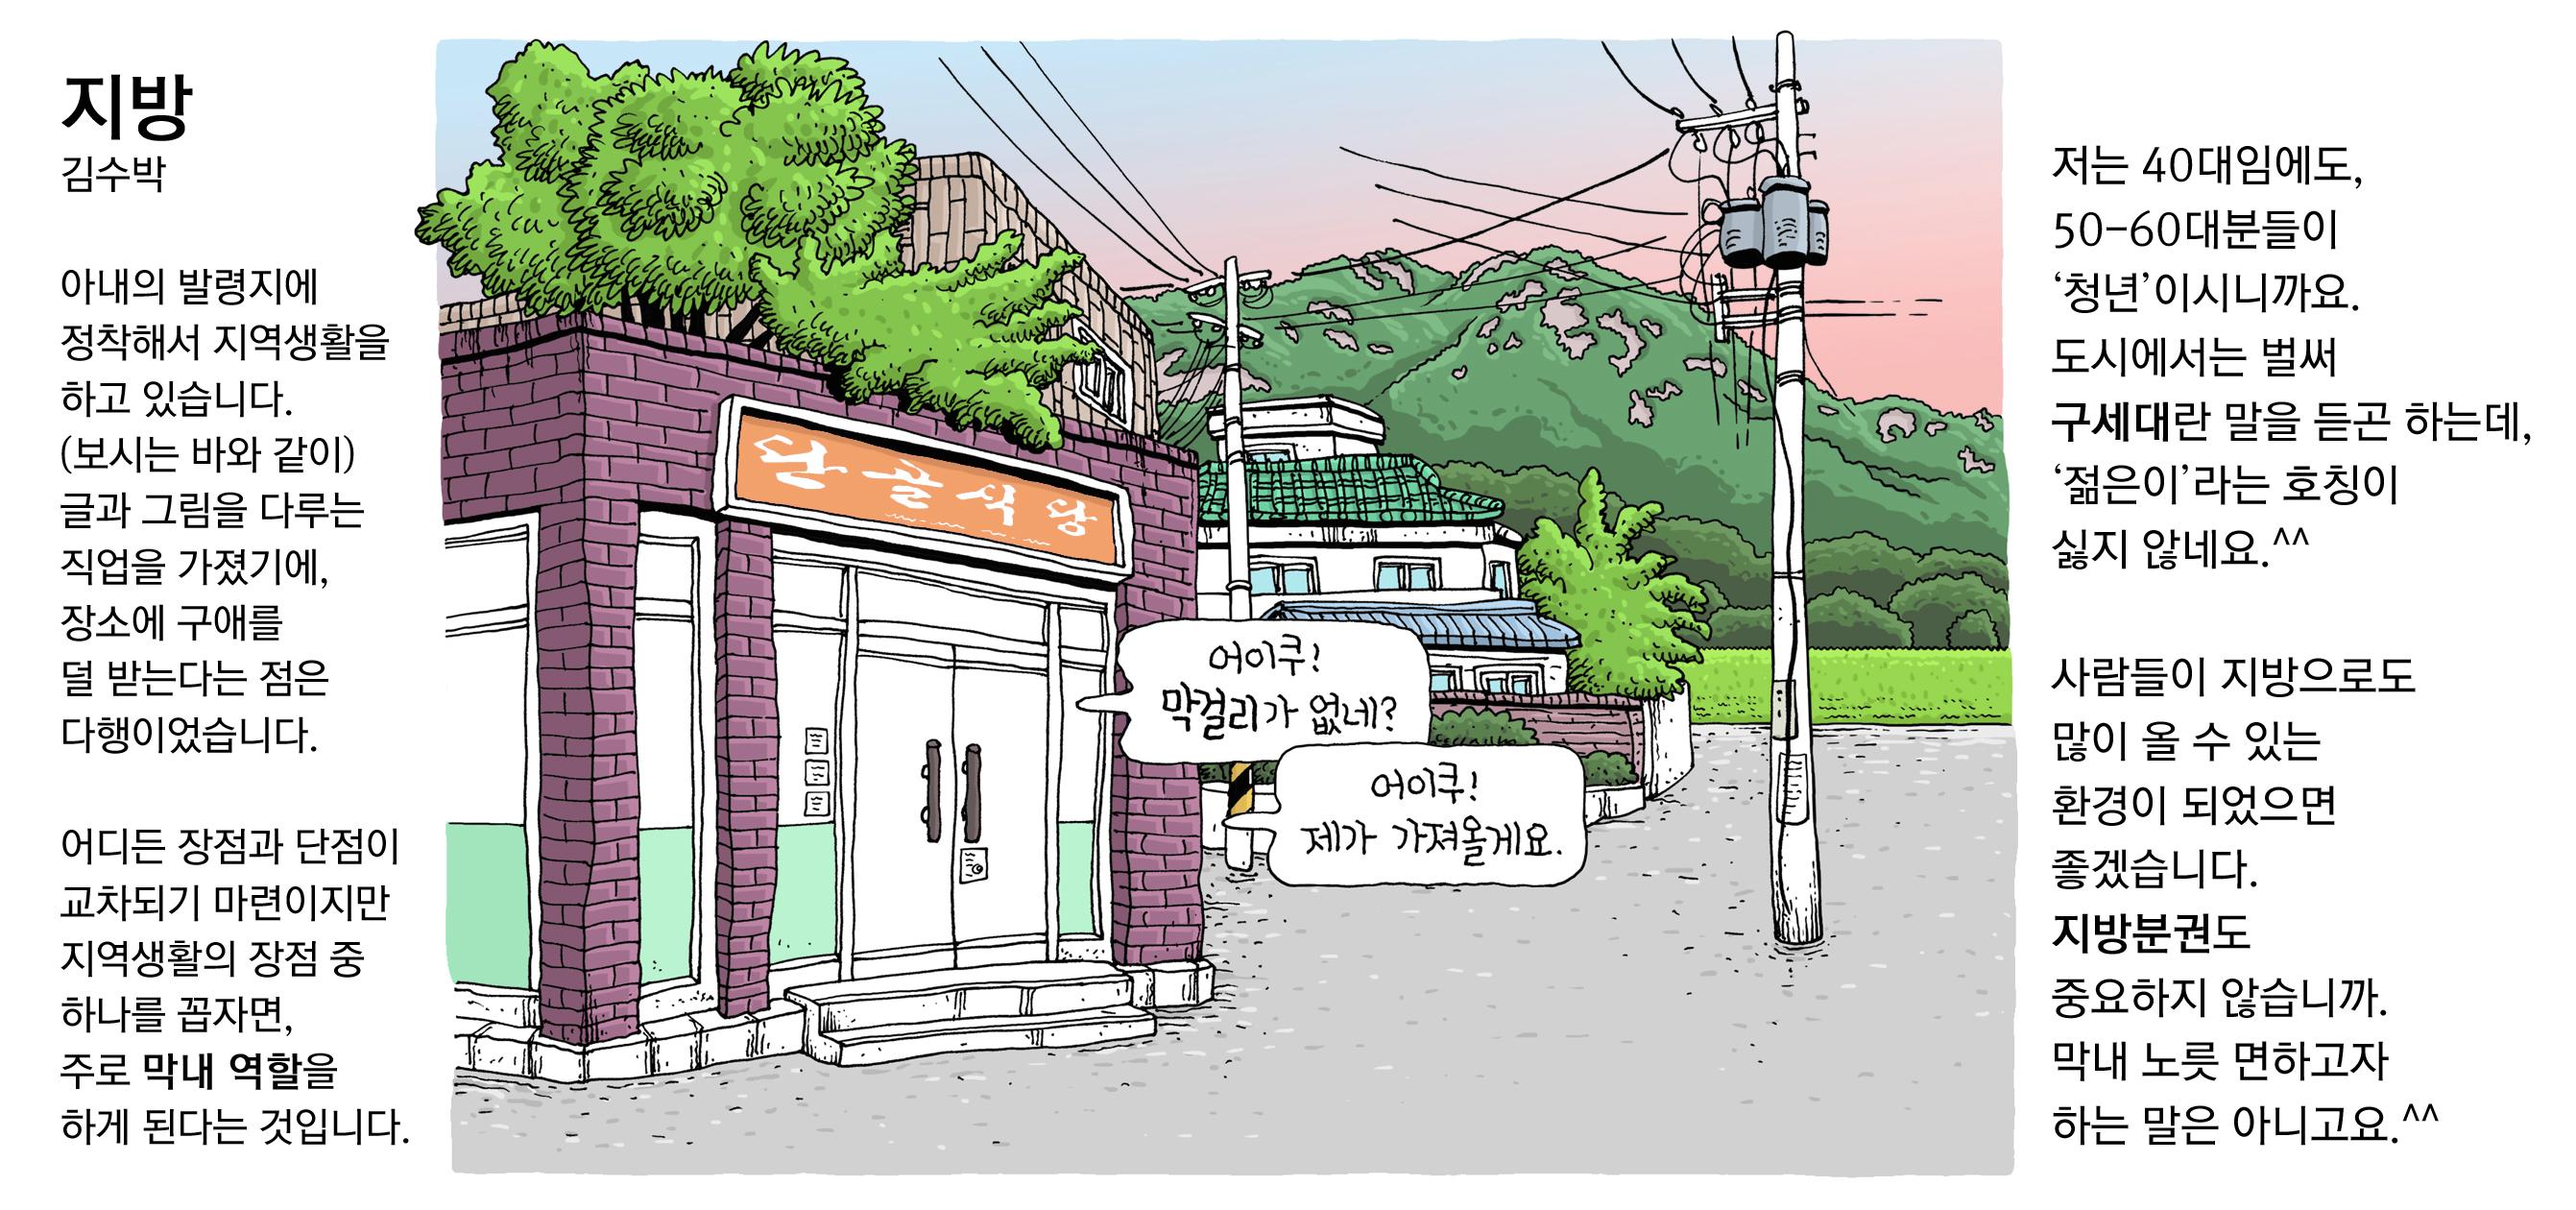 지방-김수박(지면).jpg